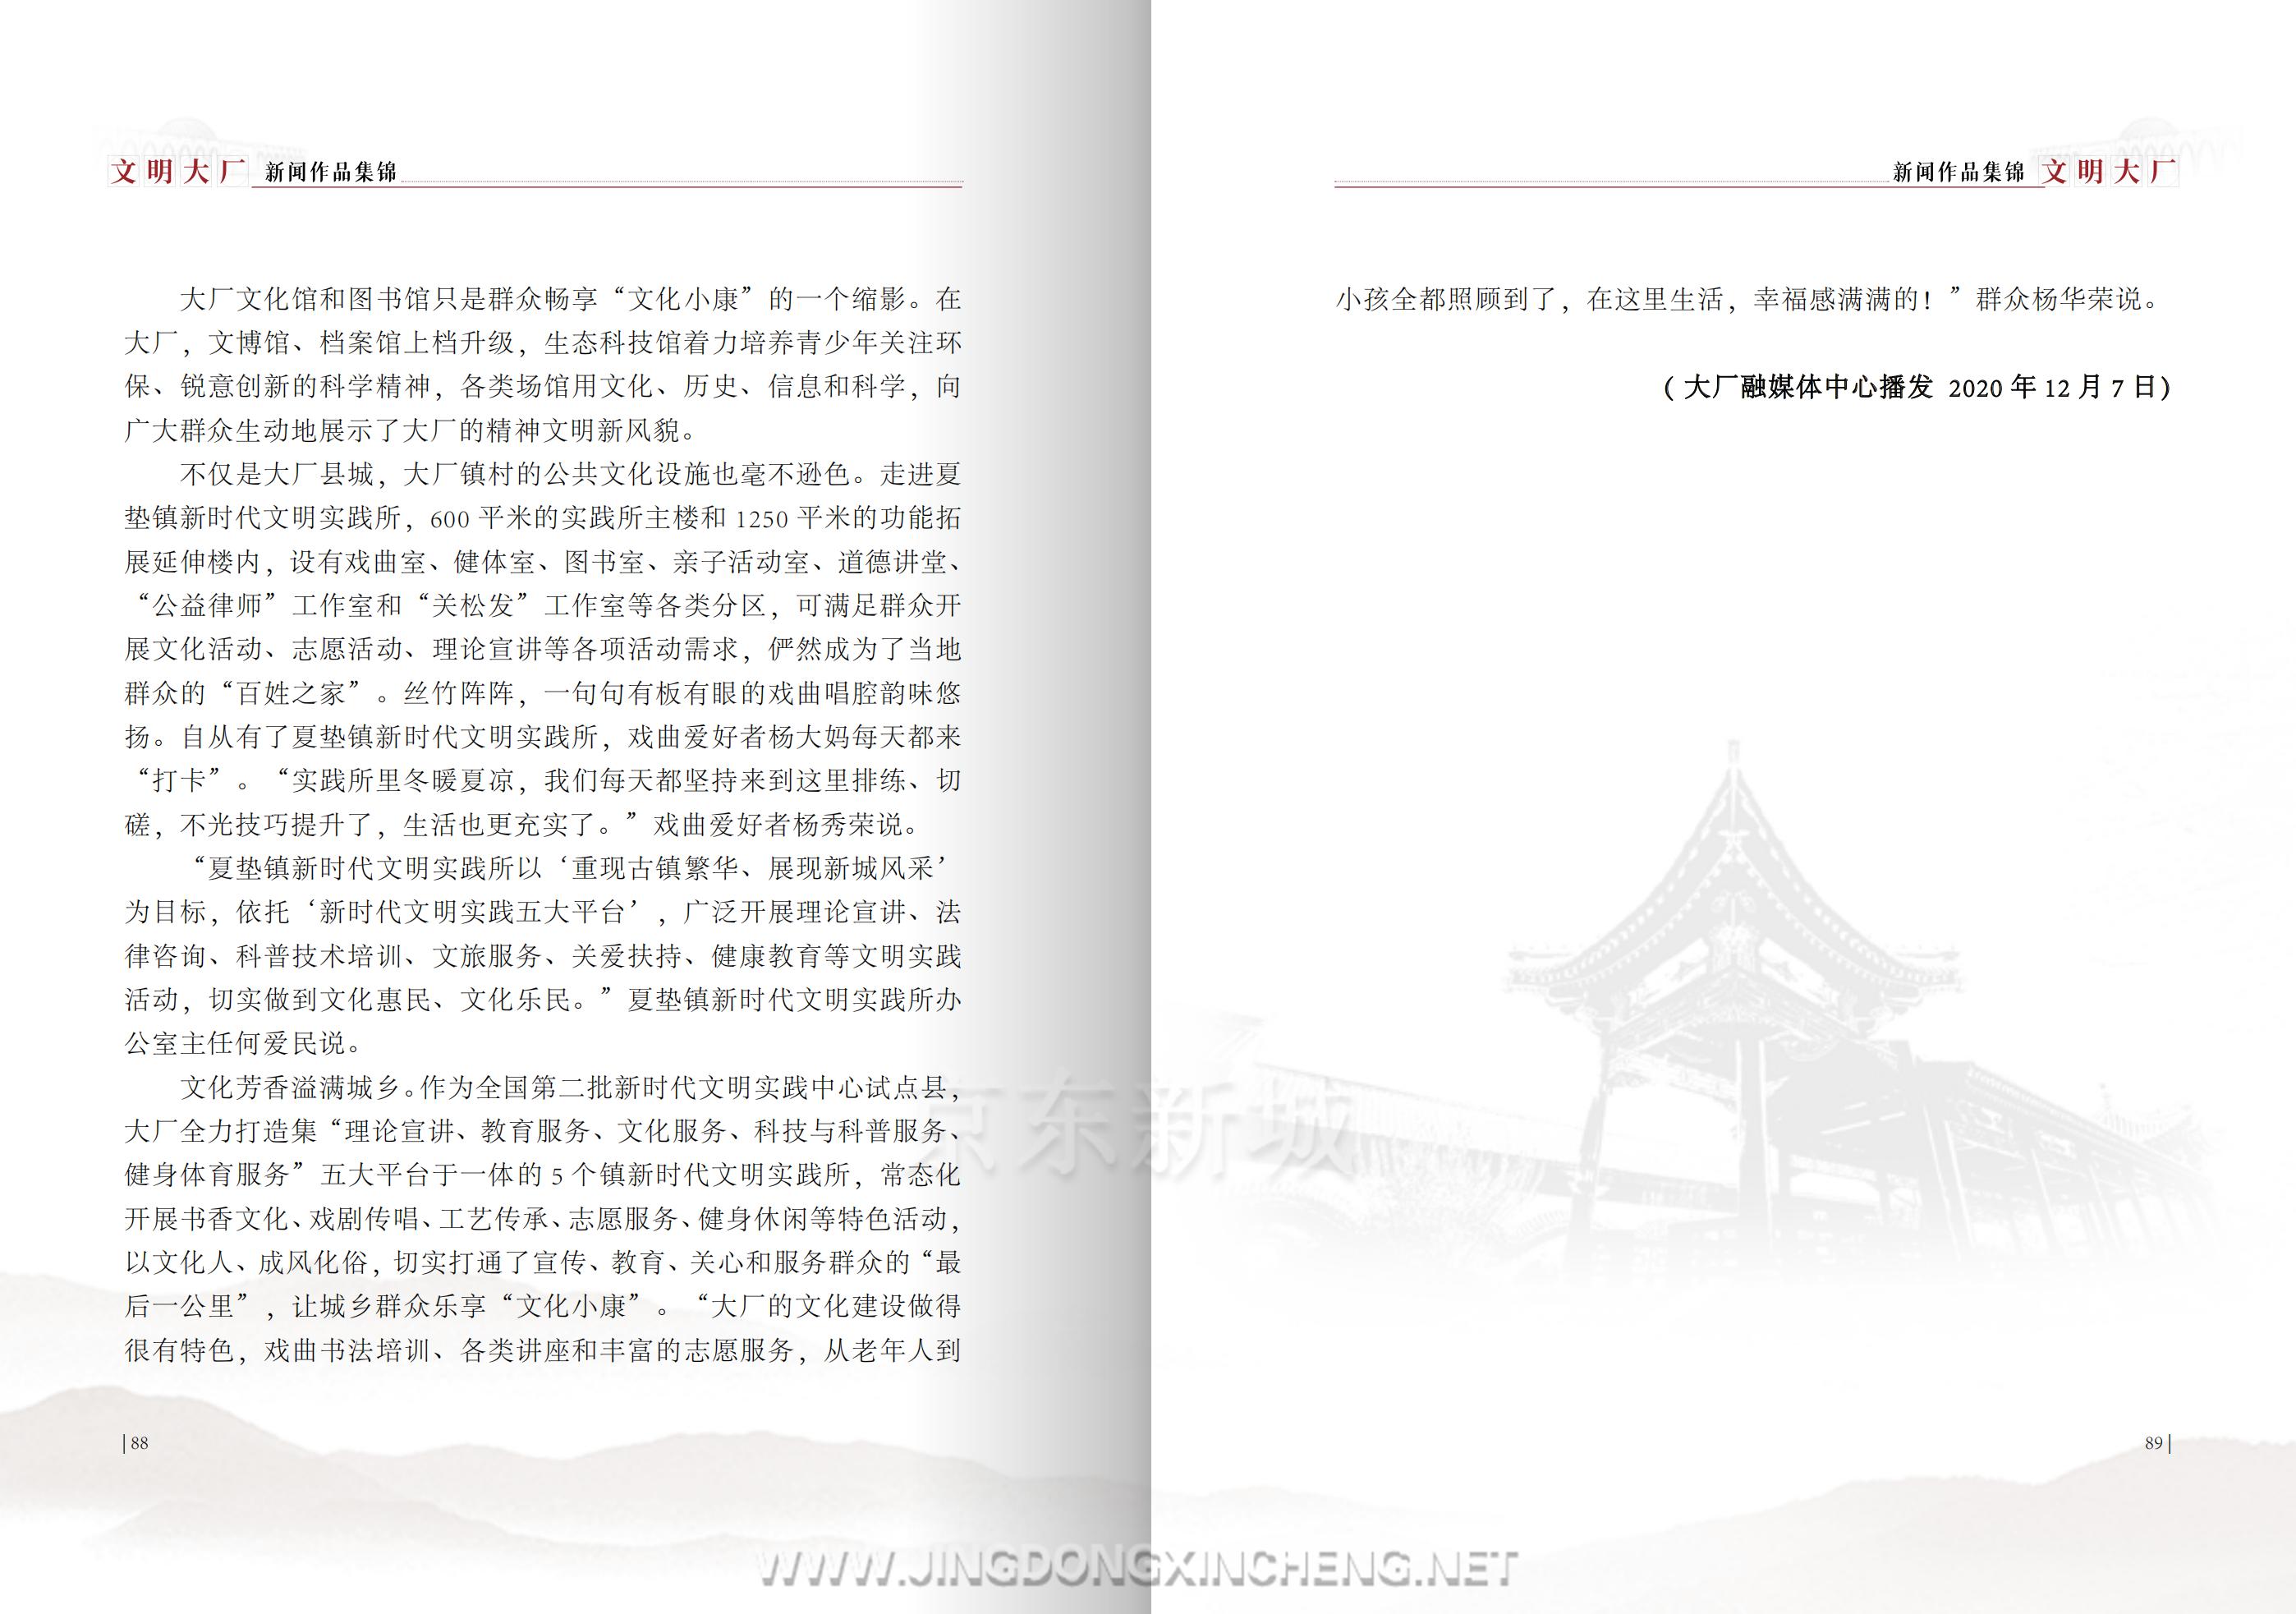 文明大厂书籍-定稿-上传版_48.png